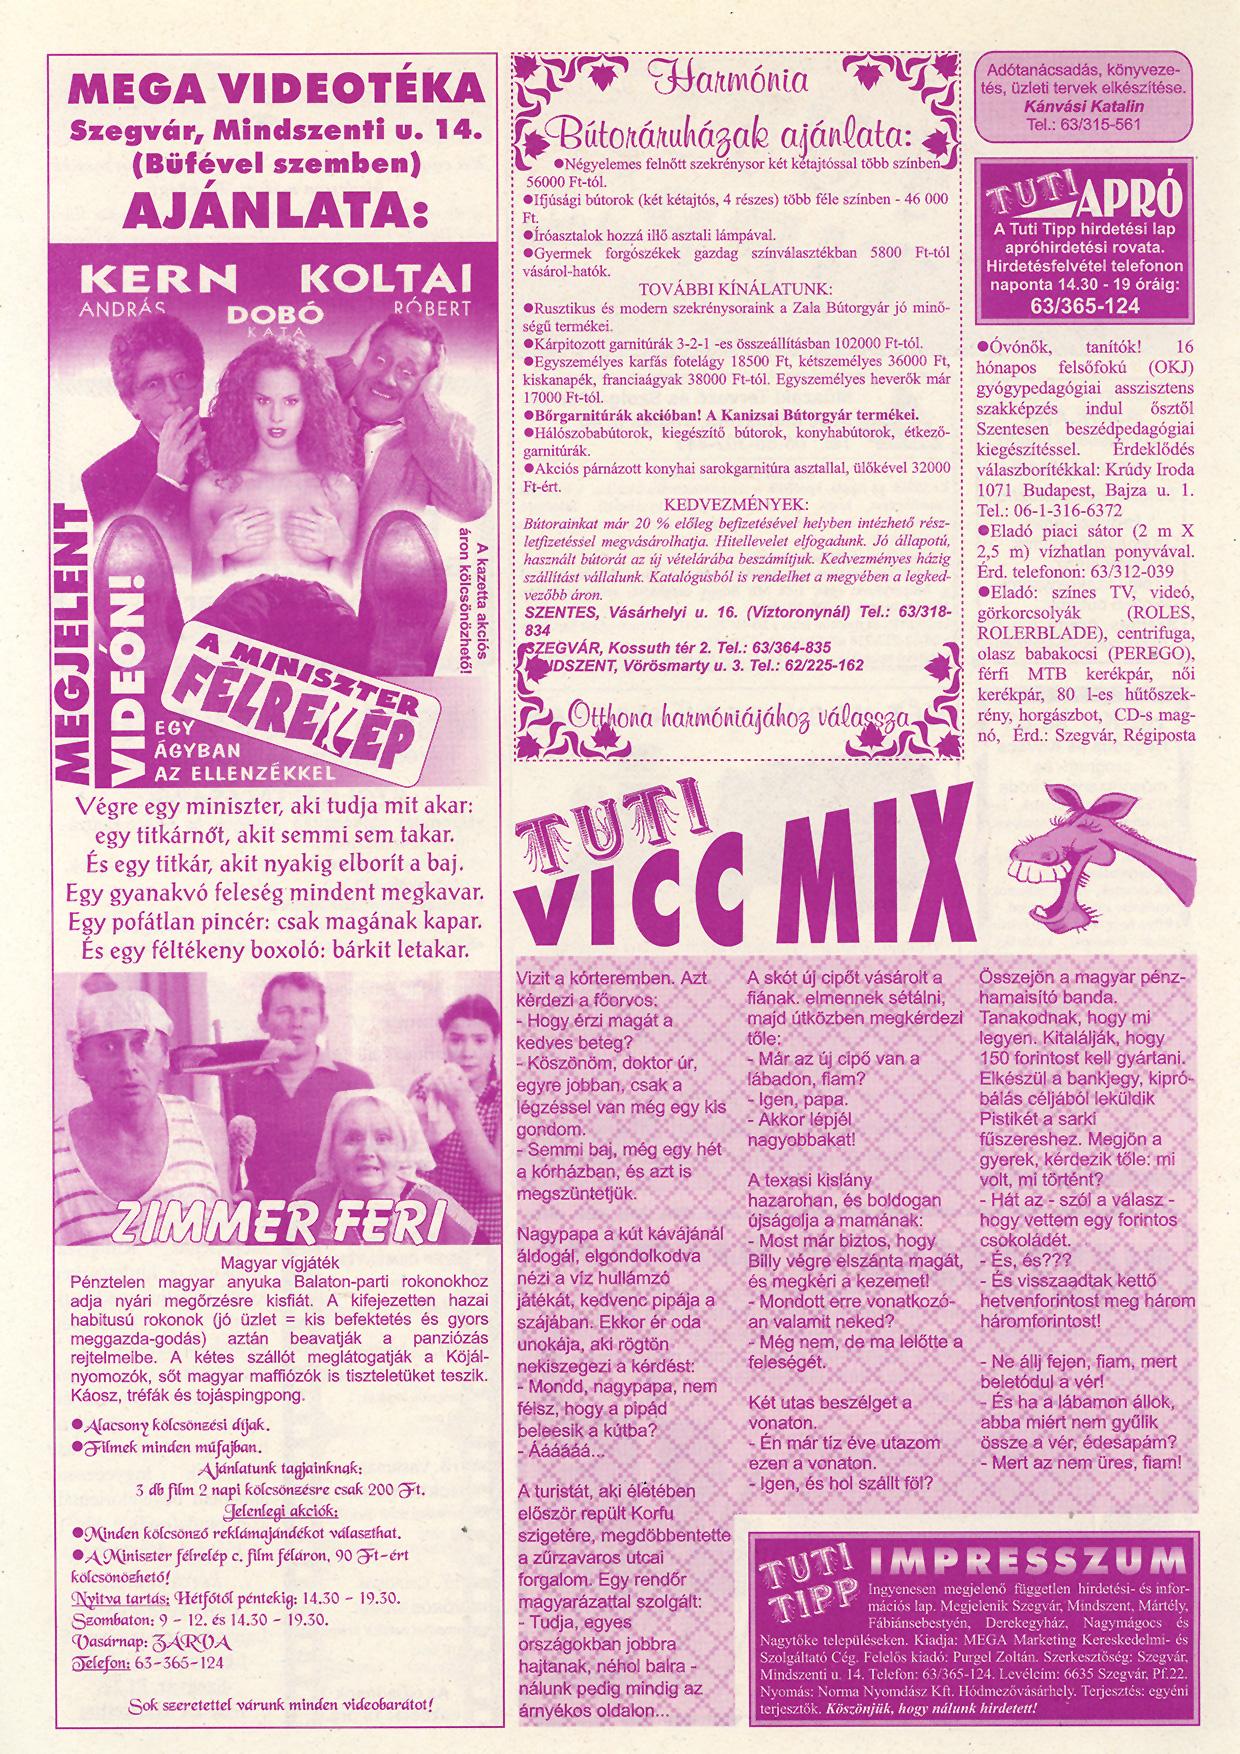 040 Tuti Tipp reklámújság - 19980905-092. lapszám - 2.oldal - IV. évfolyam.jpg